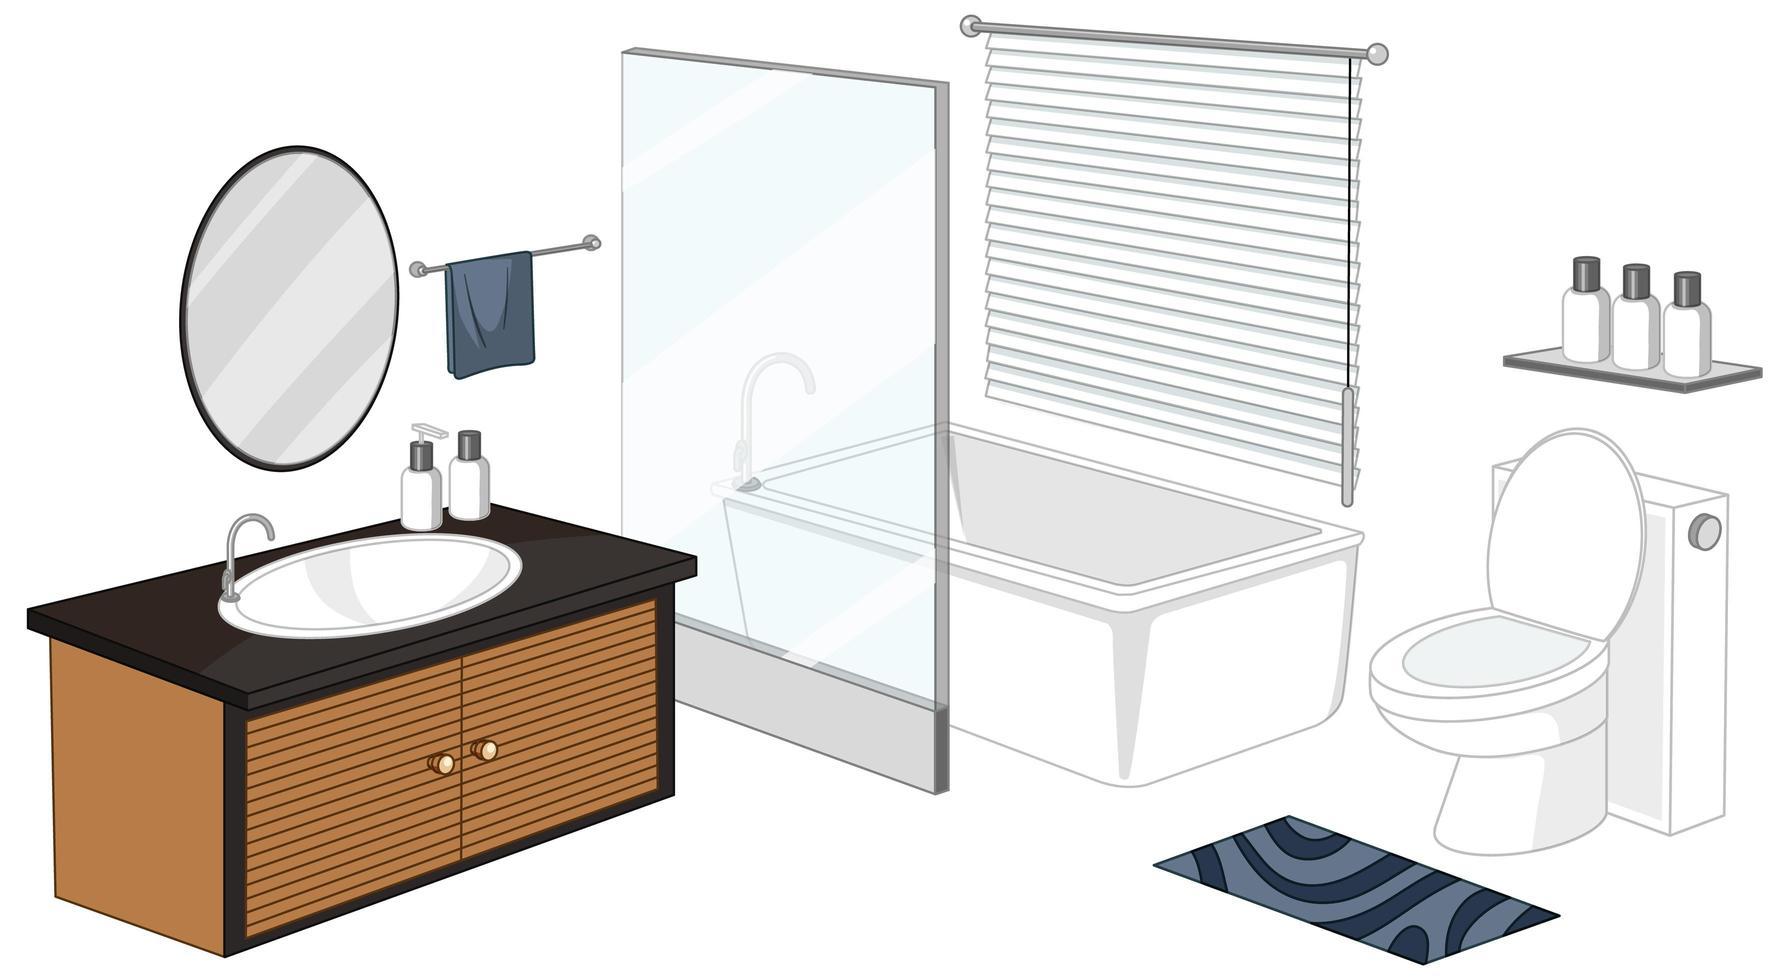 badkamermeubels geïsoleerd op een witte achtergrond vector